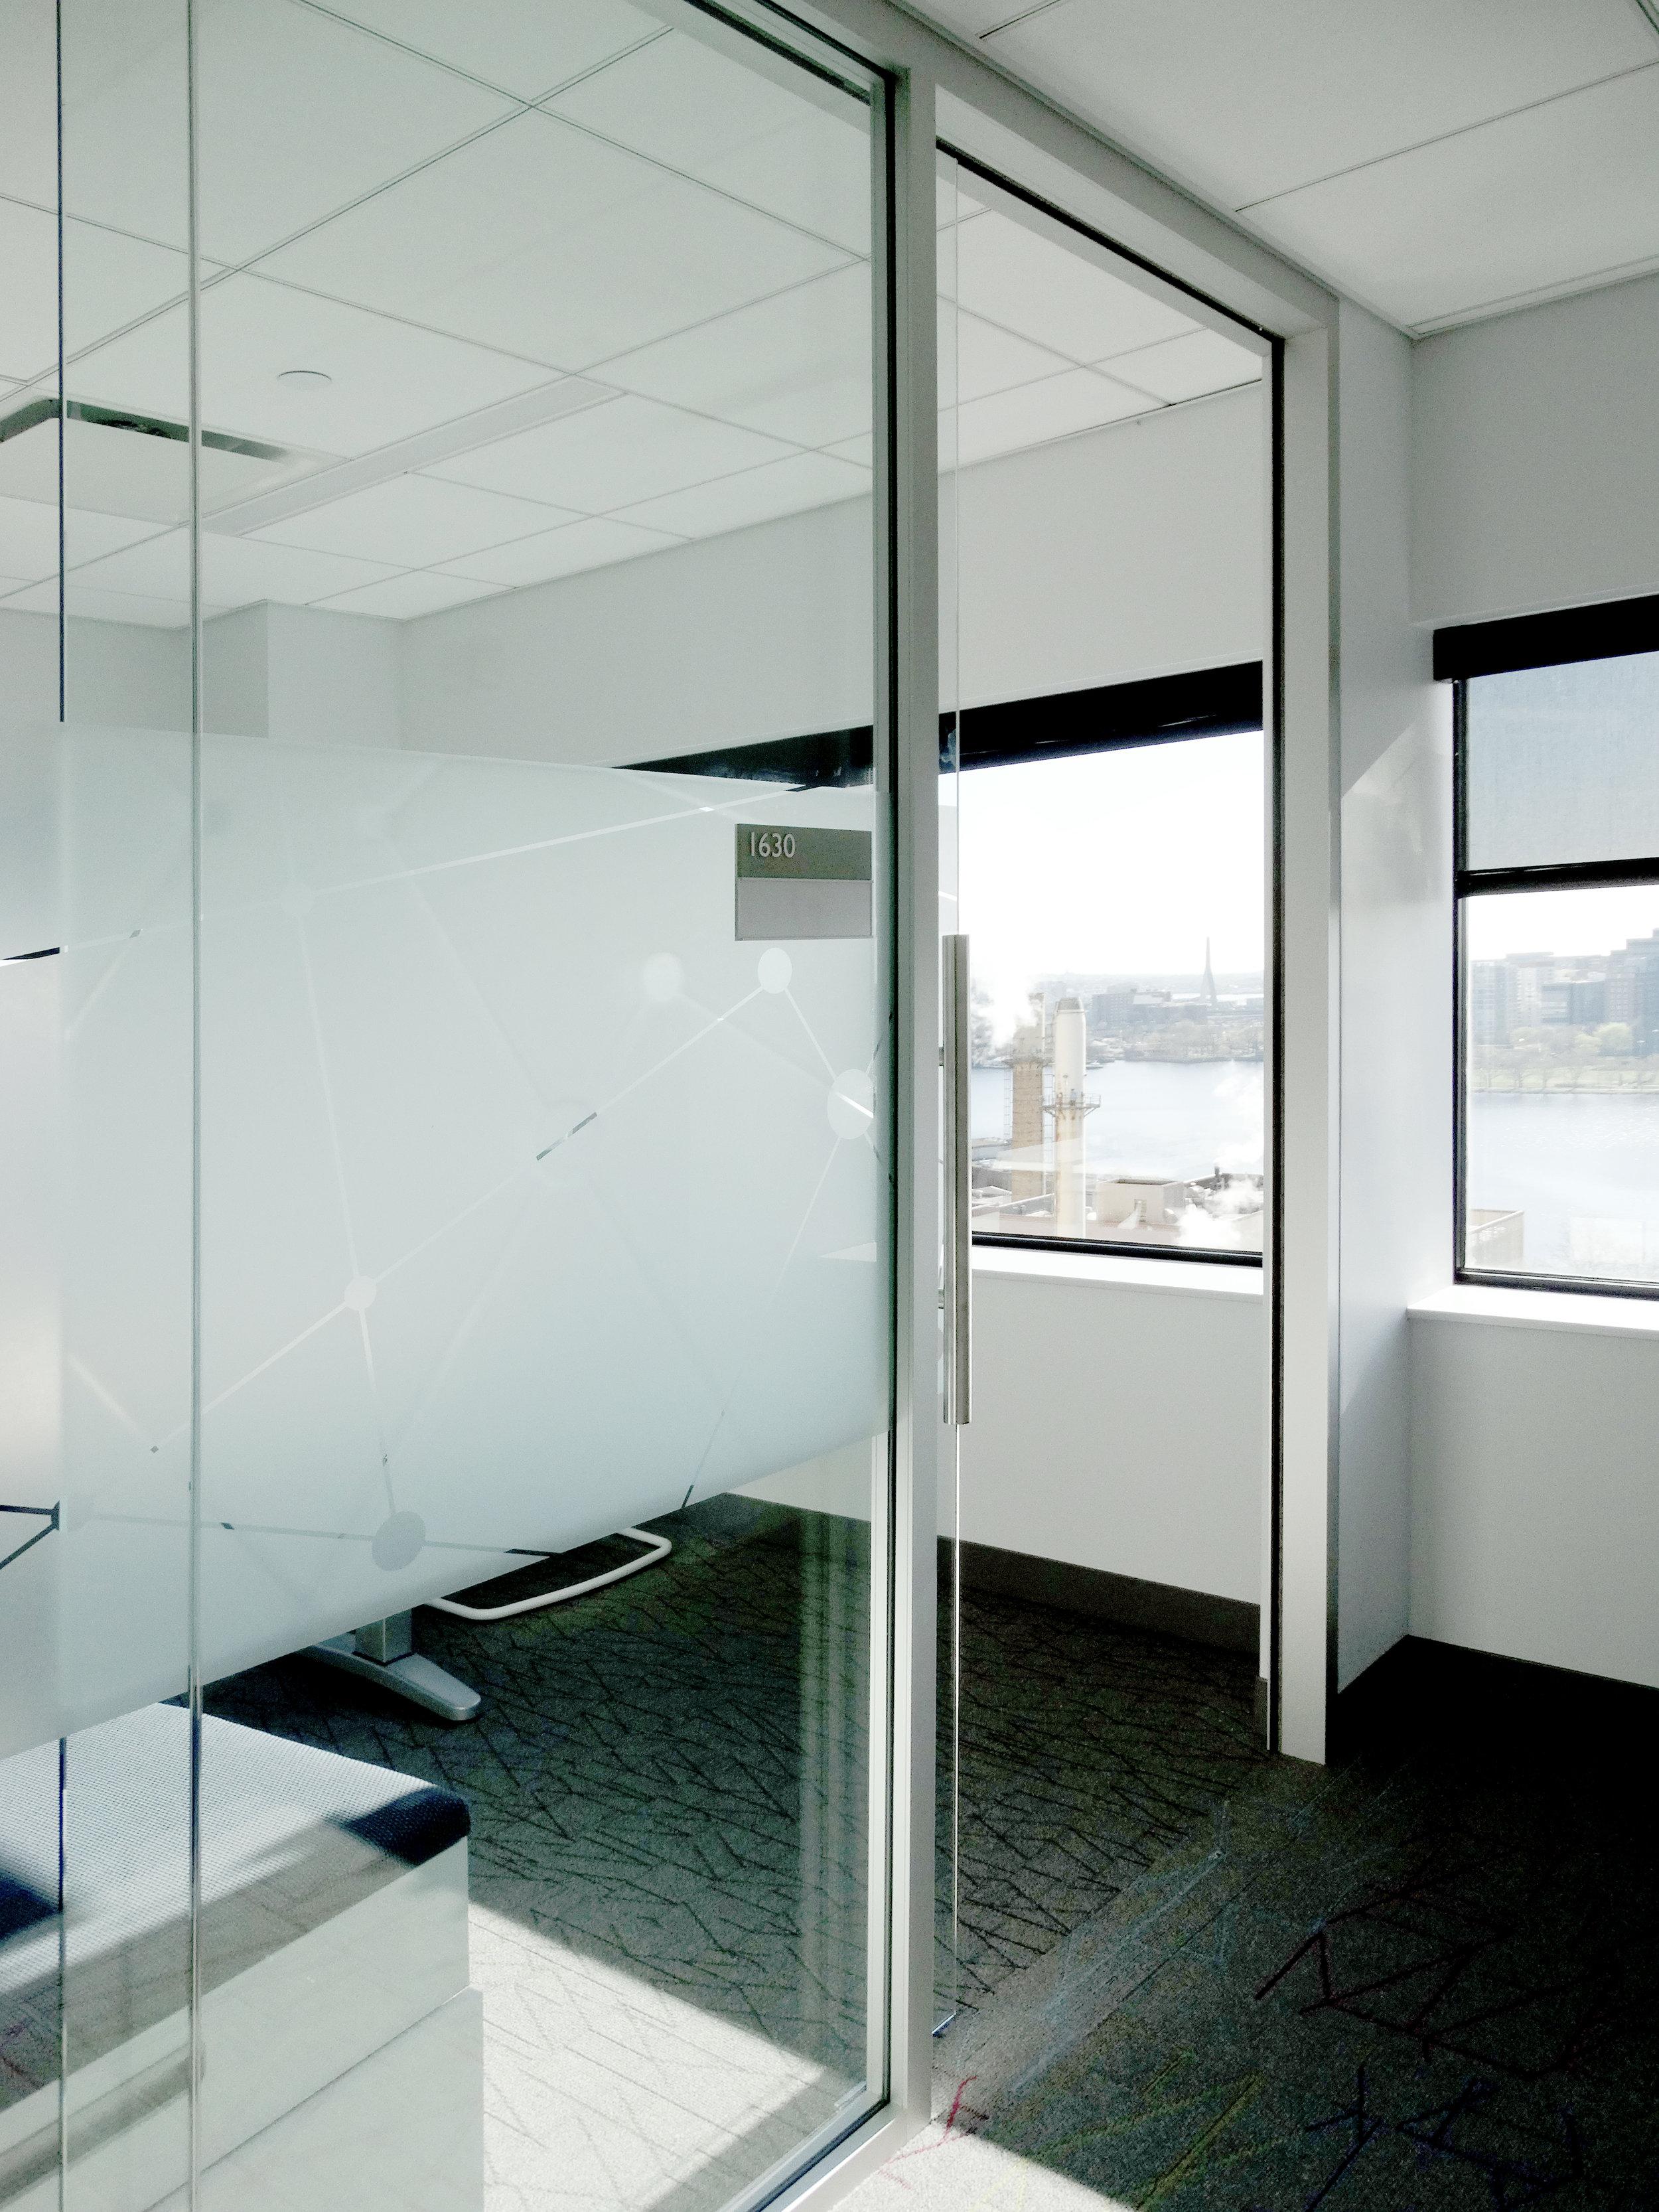 Litespace Demountable Aluminum Framed Wall Frameless Glass Sliding Door - Spaceworks AI.jpg